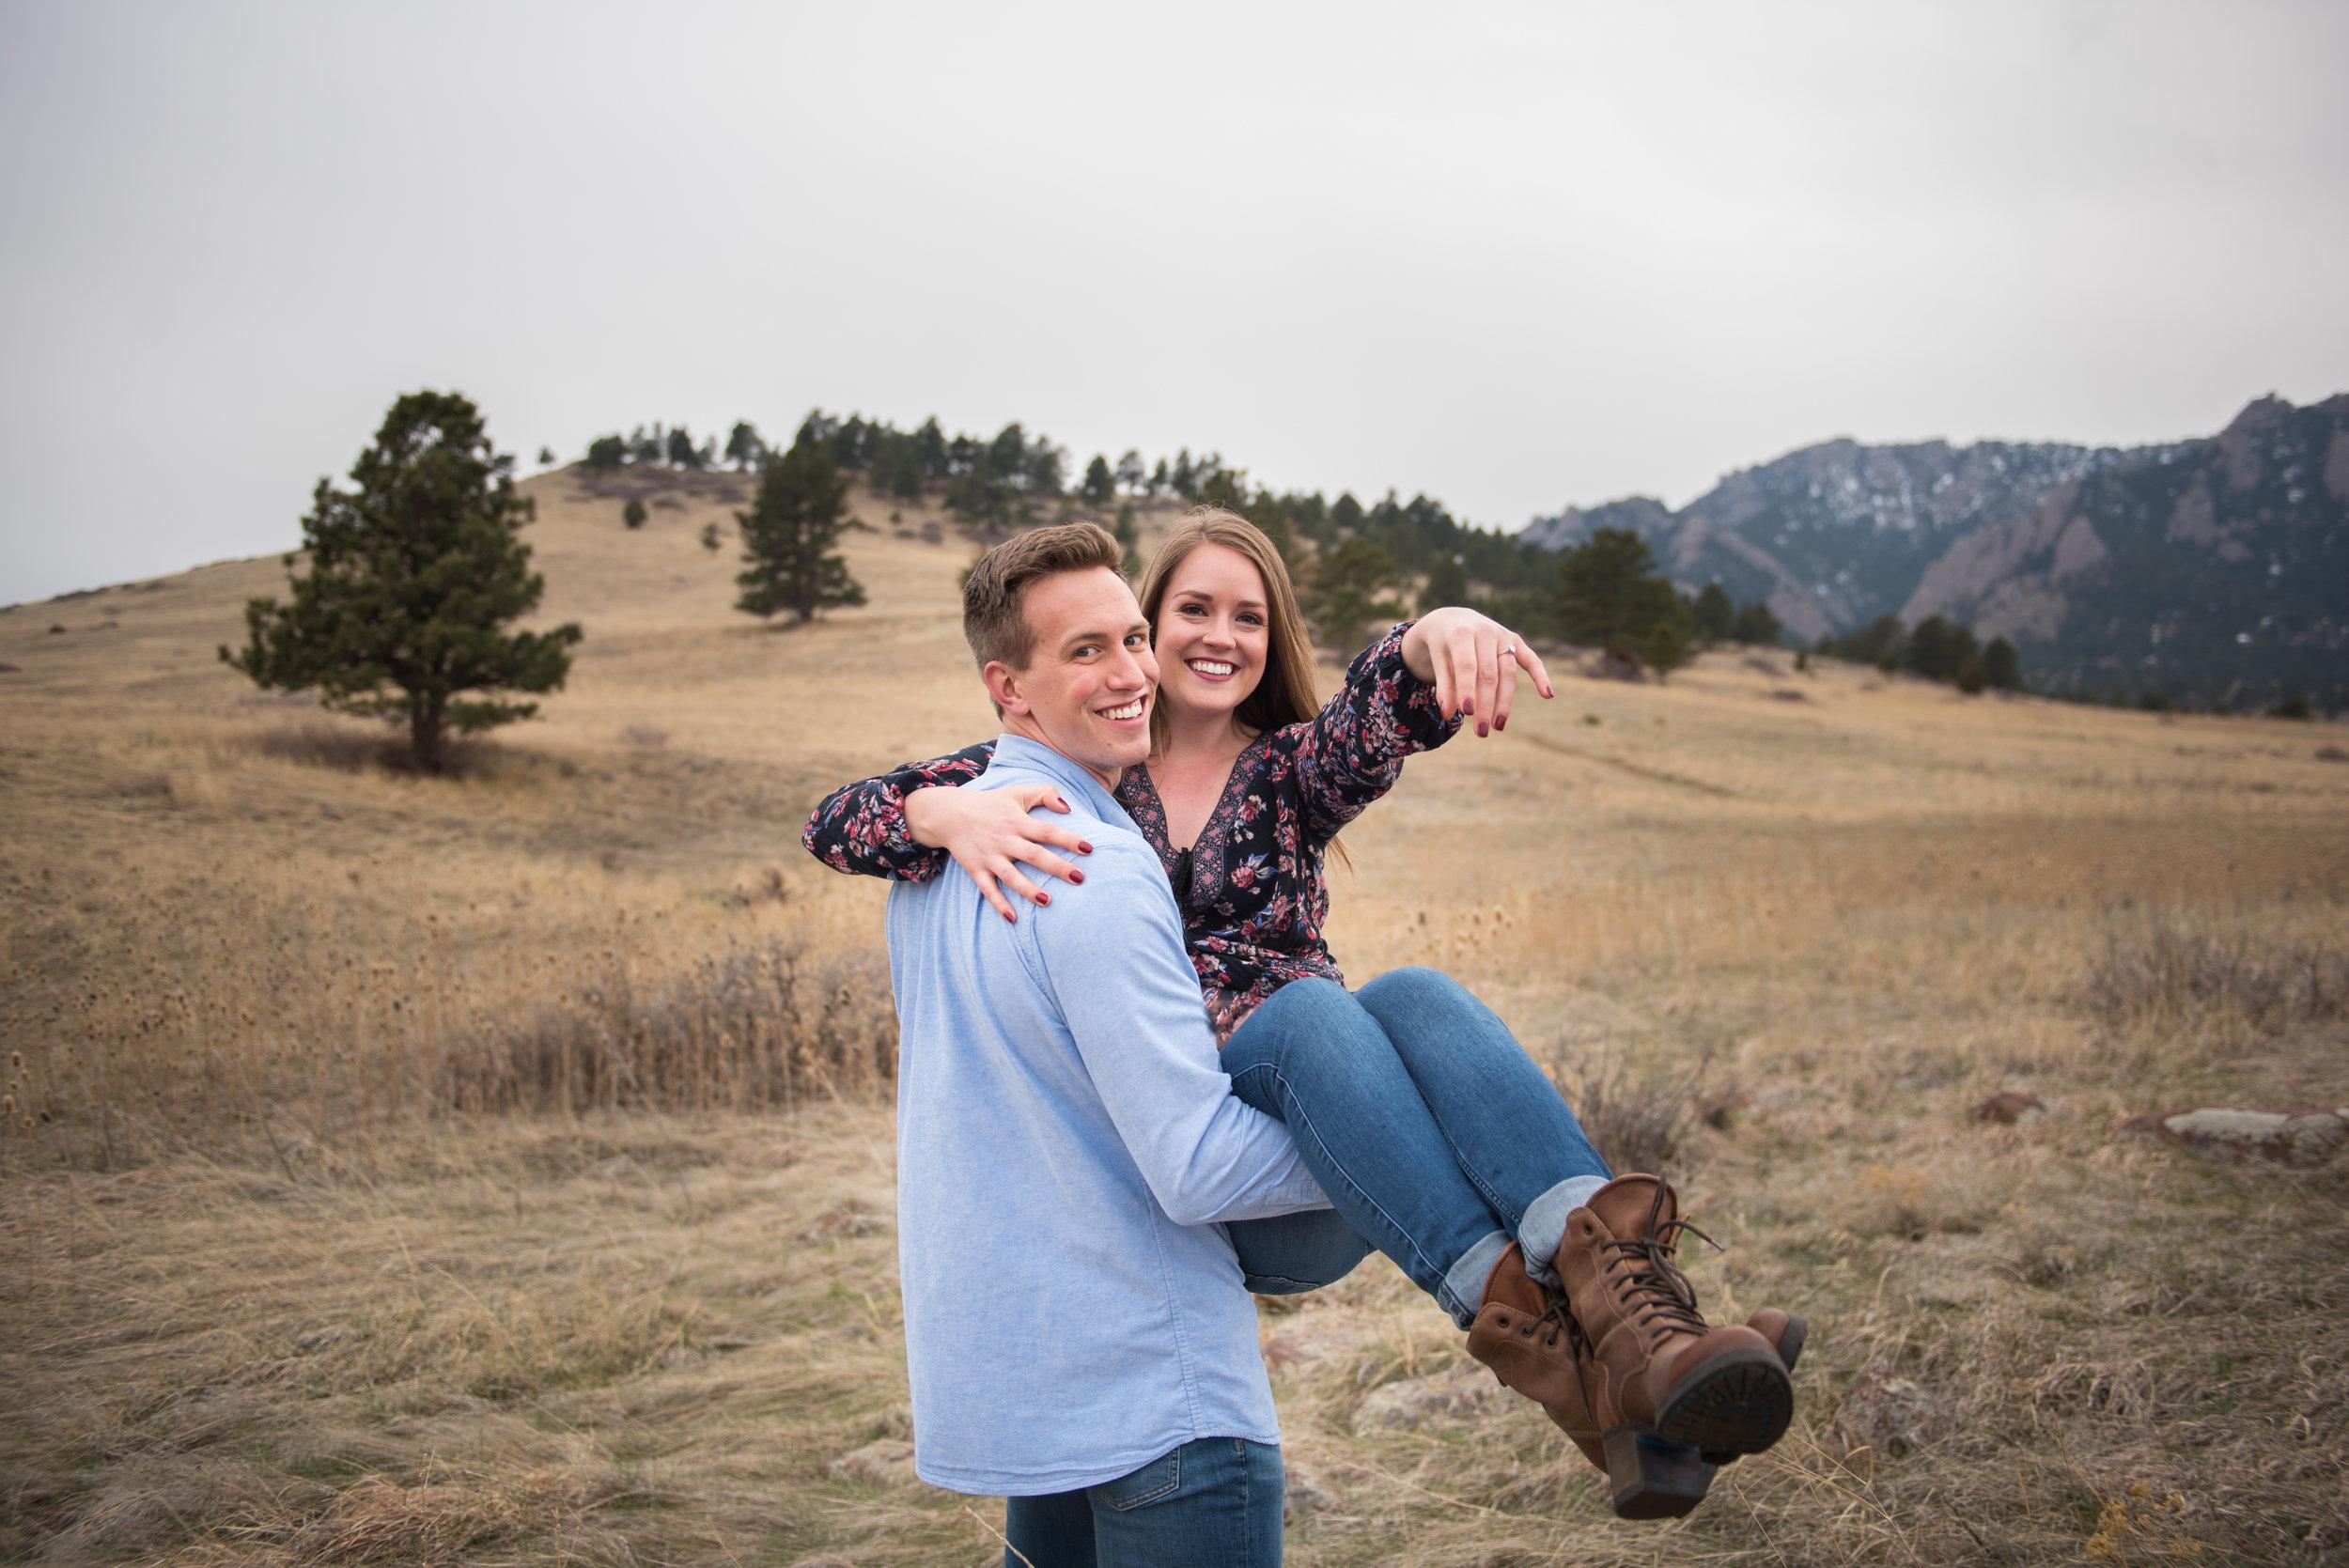 Colorado Engagement Photographer|Jennie Bennett Photography |Sarah and Matt-36.jpg